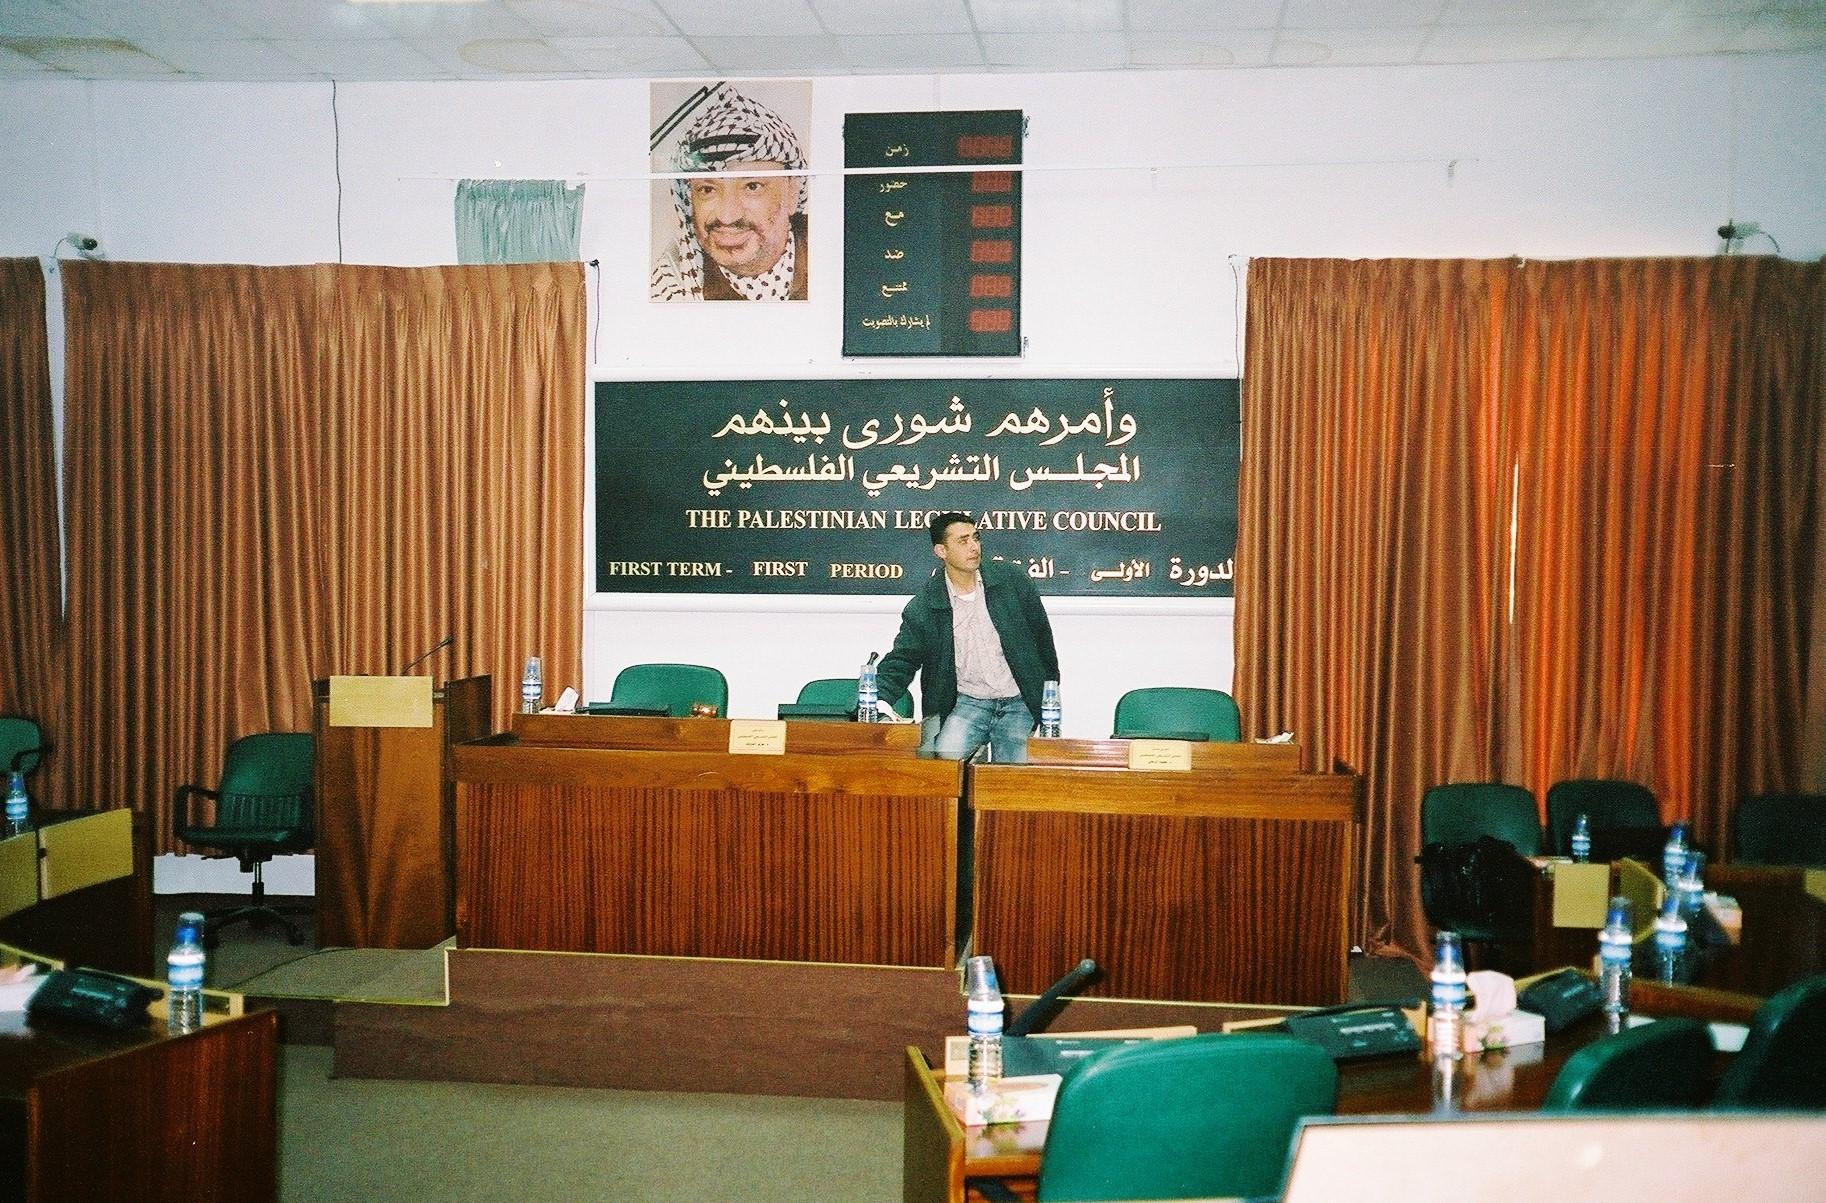 فلسطینی پارلیمنٹ تحلیل چھ ماہ میں پارلیمانی انتخابات کرانے کا اعلان